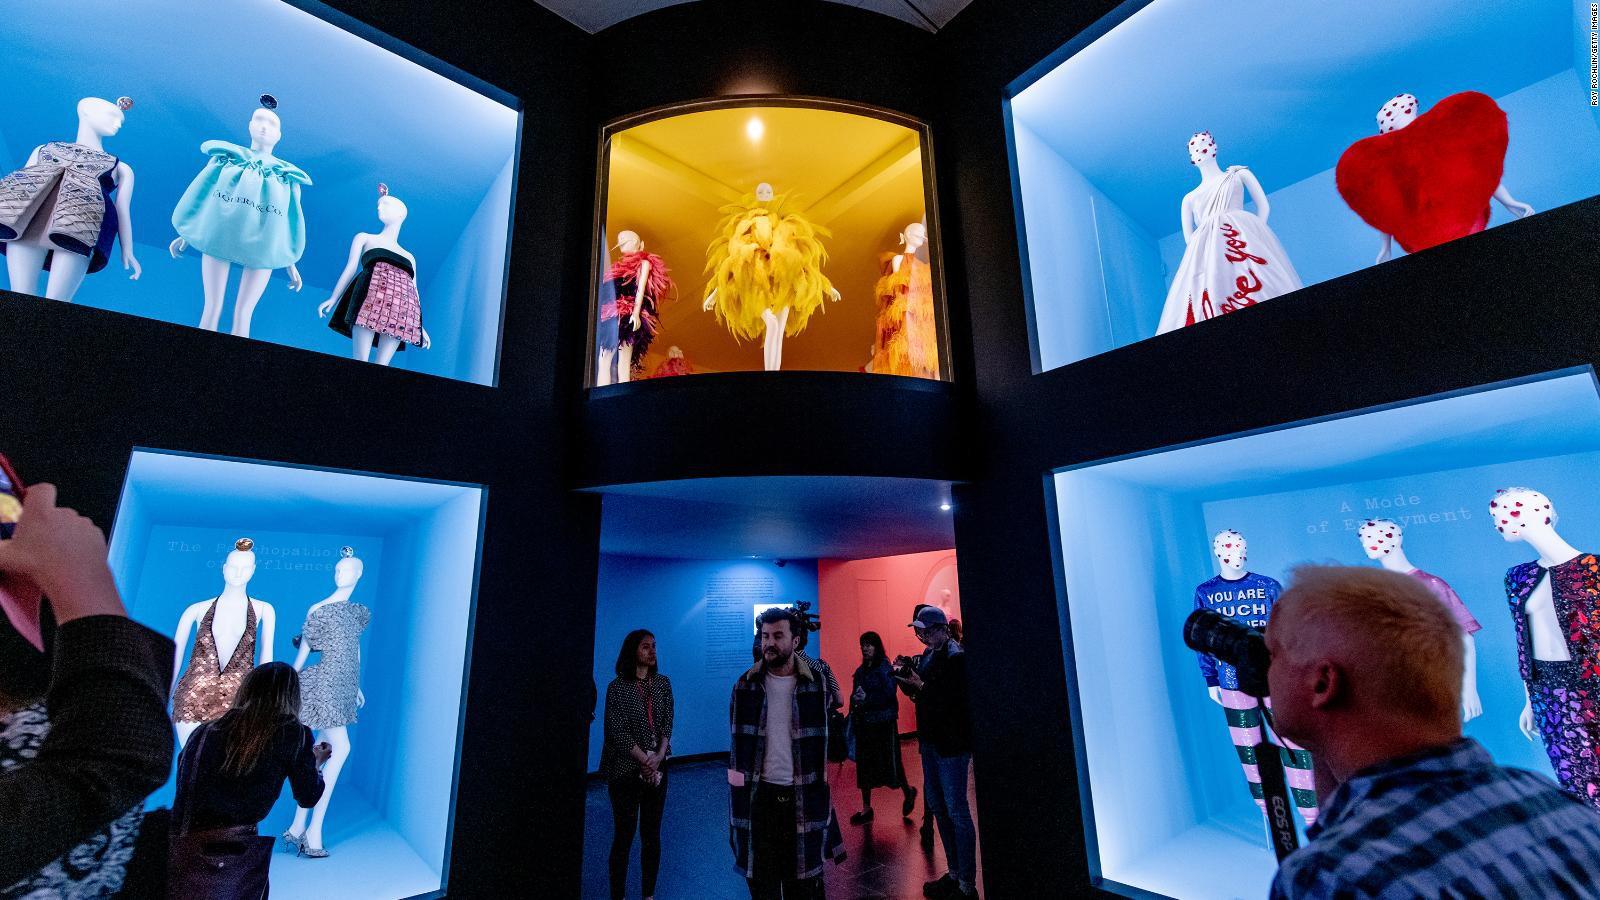 Mục sở thị tận bên trong triển lãm của Met Gala 2019 để hiểu định nghĩa về Lố giữa đời thường - Ảnh 2.